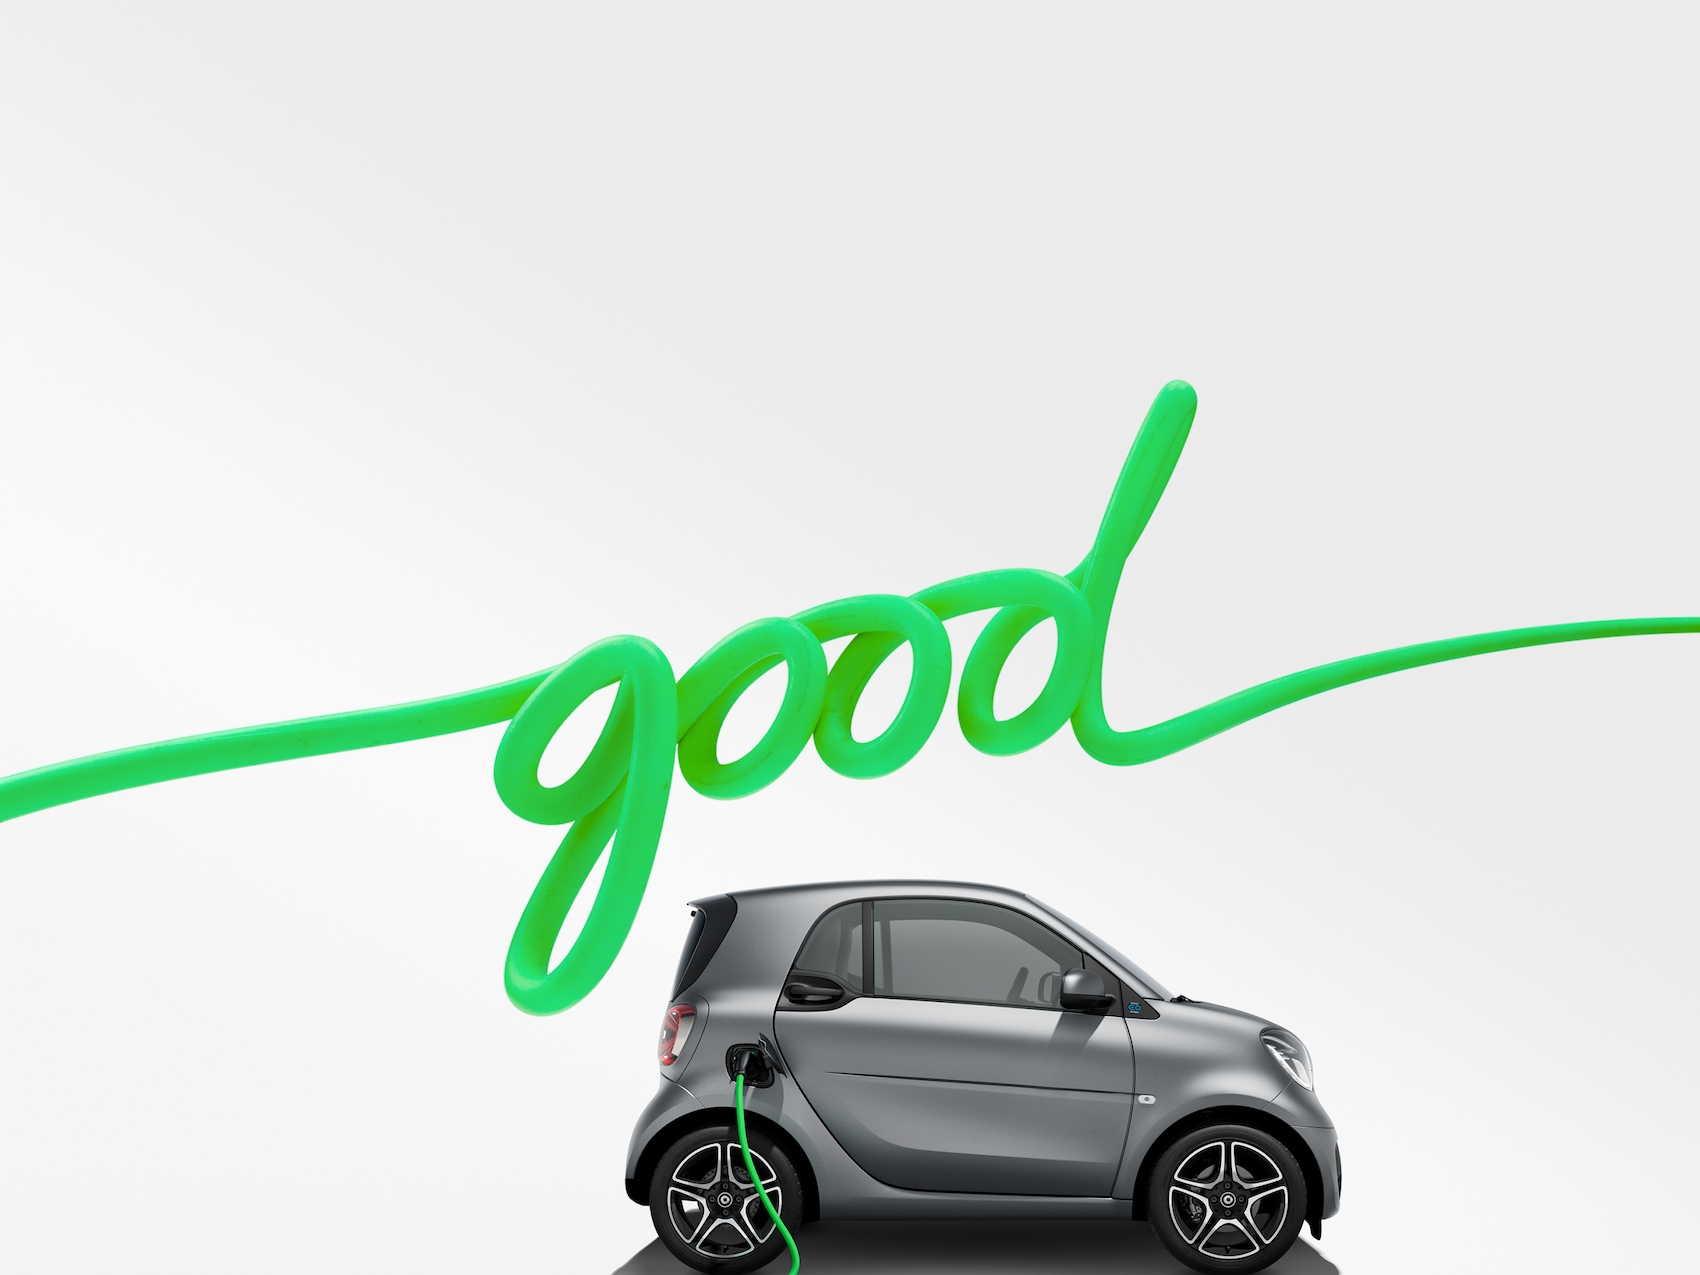 smart EQ fortwo en gris con cable de carga verde y distintivo «good»